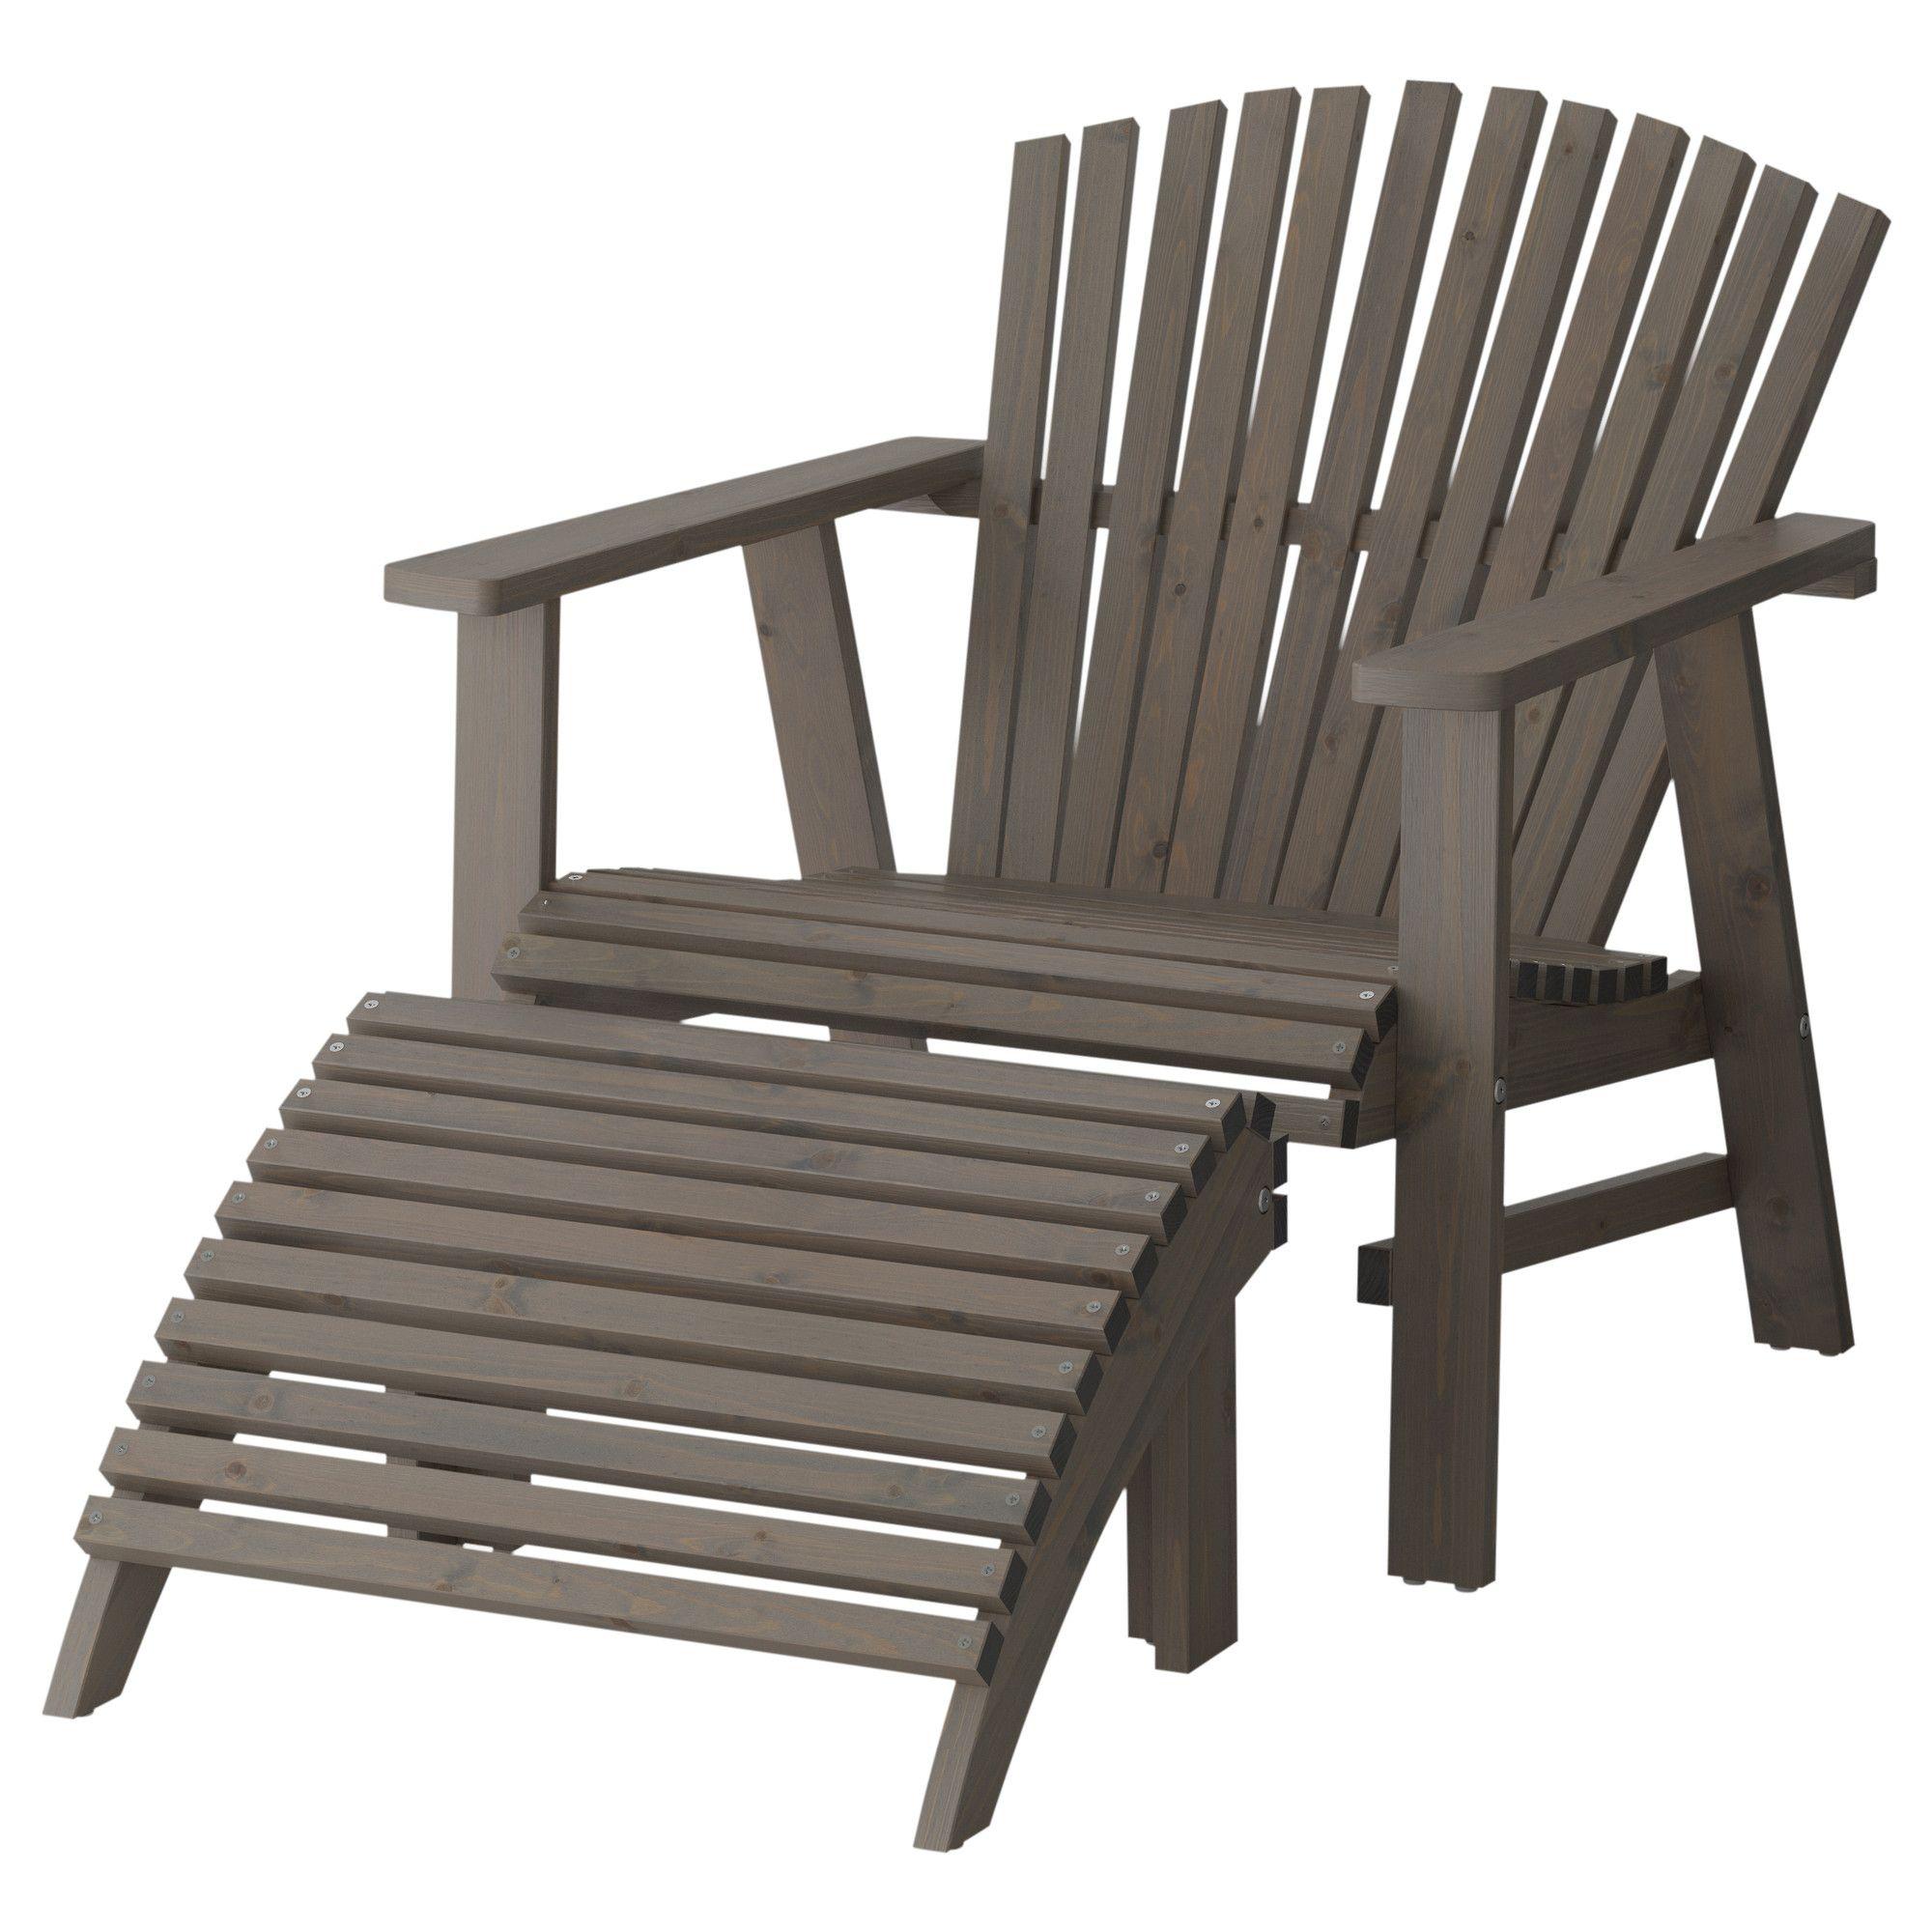 Ikea SunderÖ Deck Chair With Footstool Gray Pine Acrylic Glaze 169